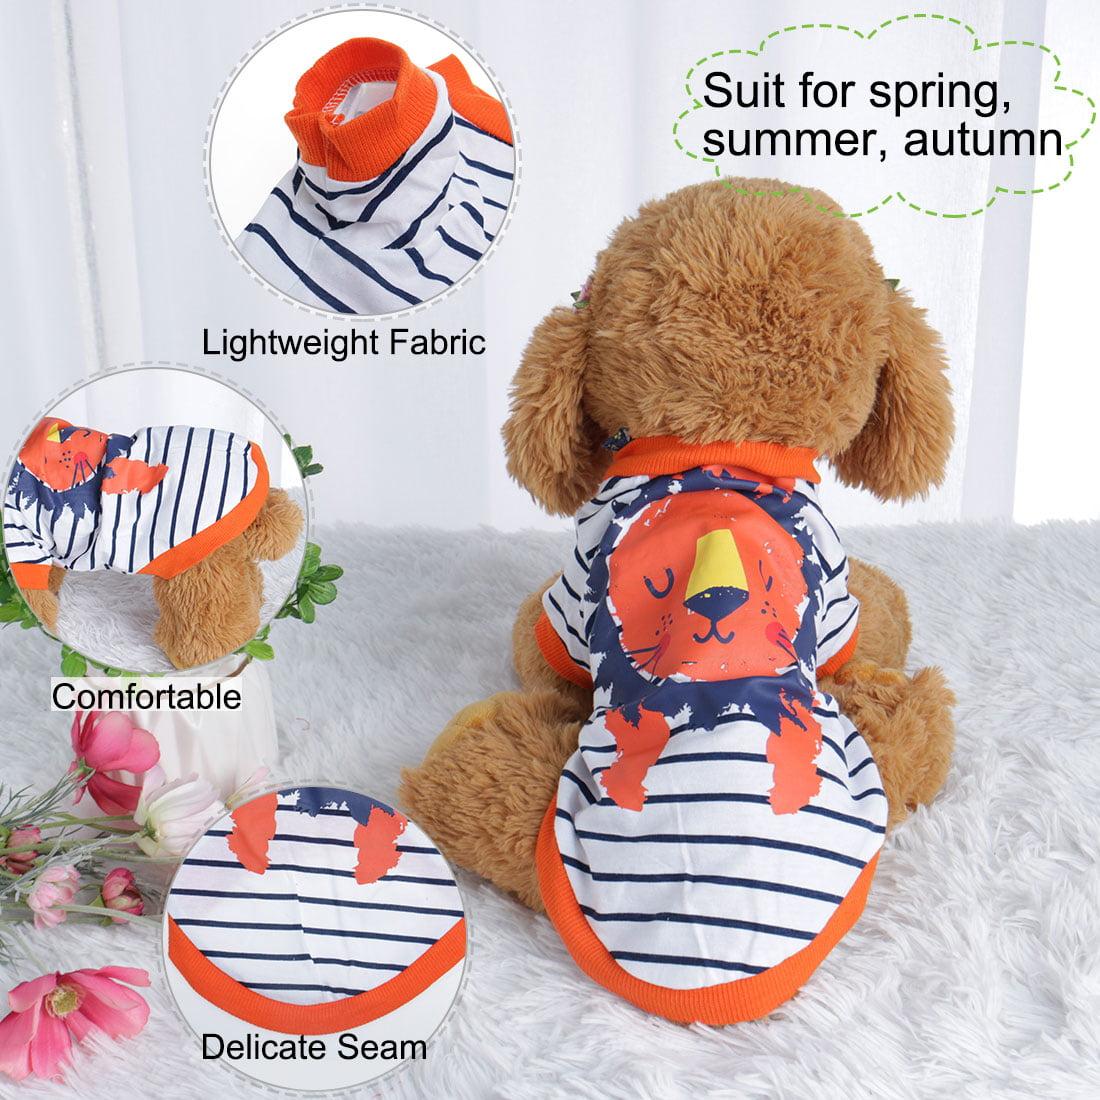 Dog T Shirt Puppy Small Pet Sweatshirt Tops Clothes Apparel Vest Clothing #15 XL - image 6 de 7